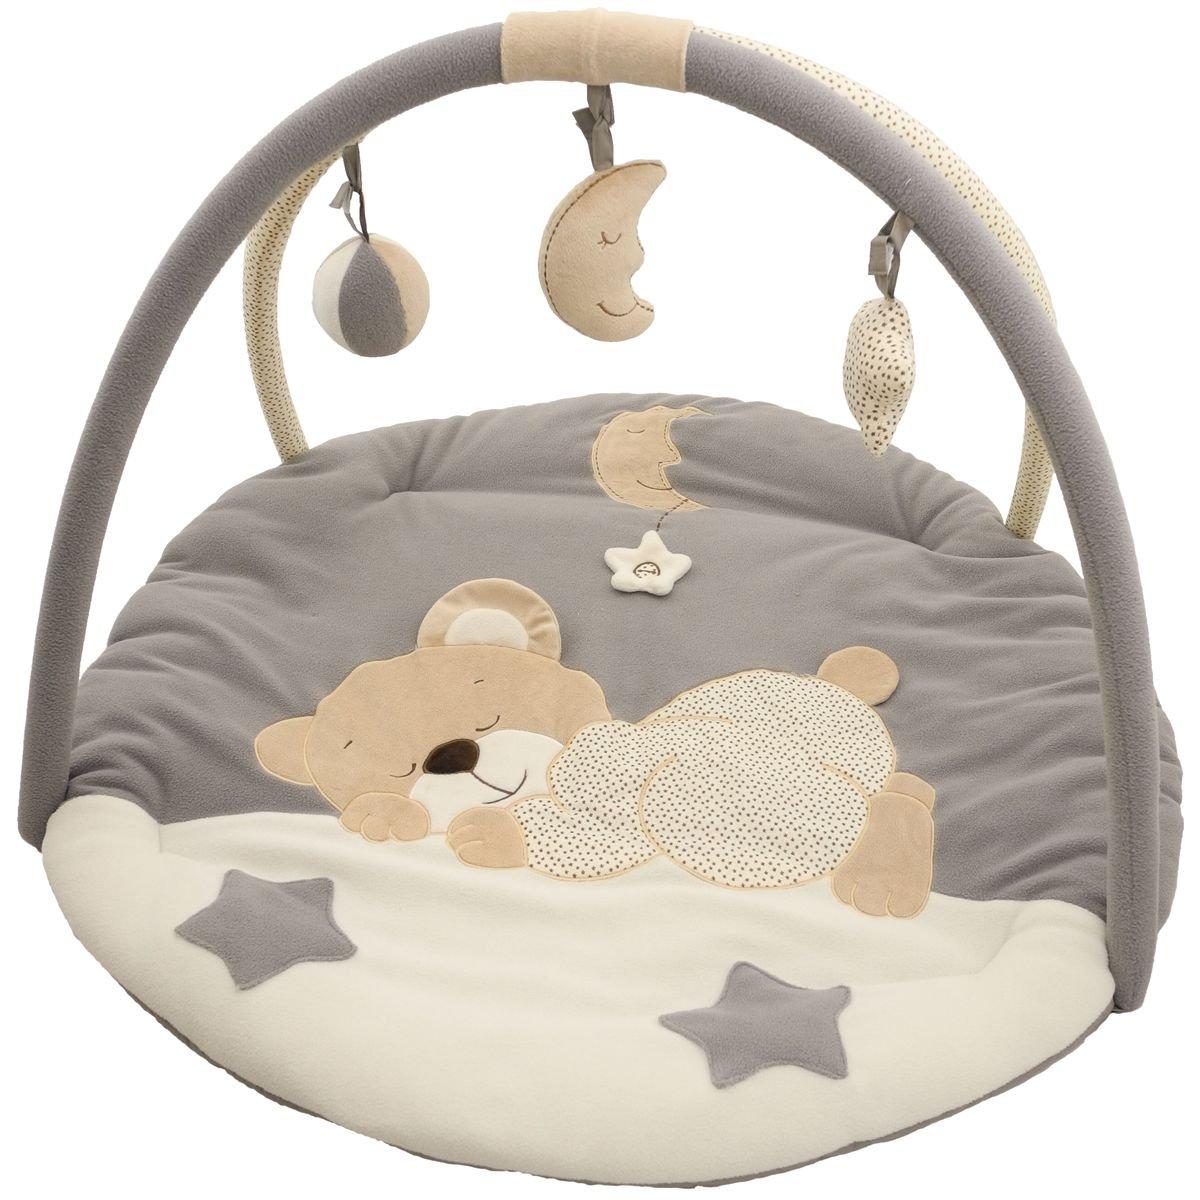 Baby Krabbeldecke/Spieldecke mit Spielbogen (Schlafendes Bärchen) Stimo24